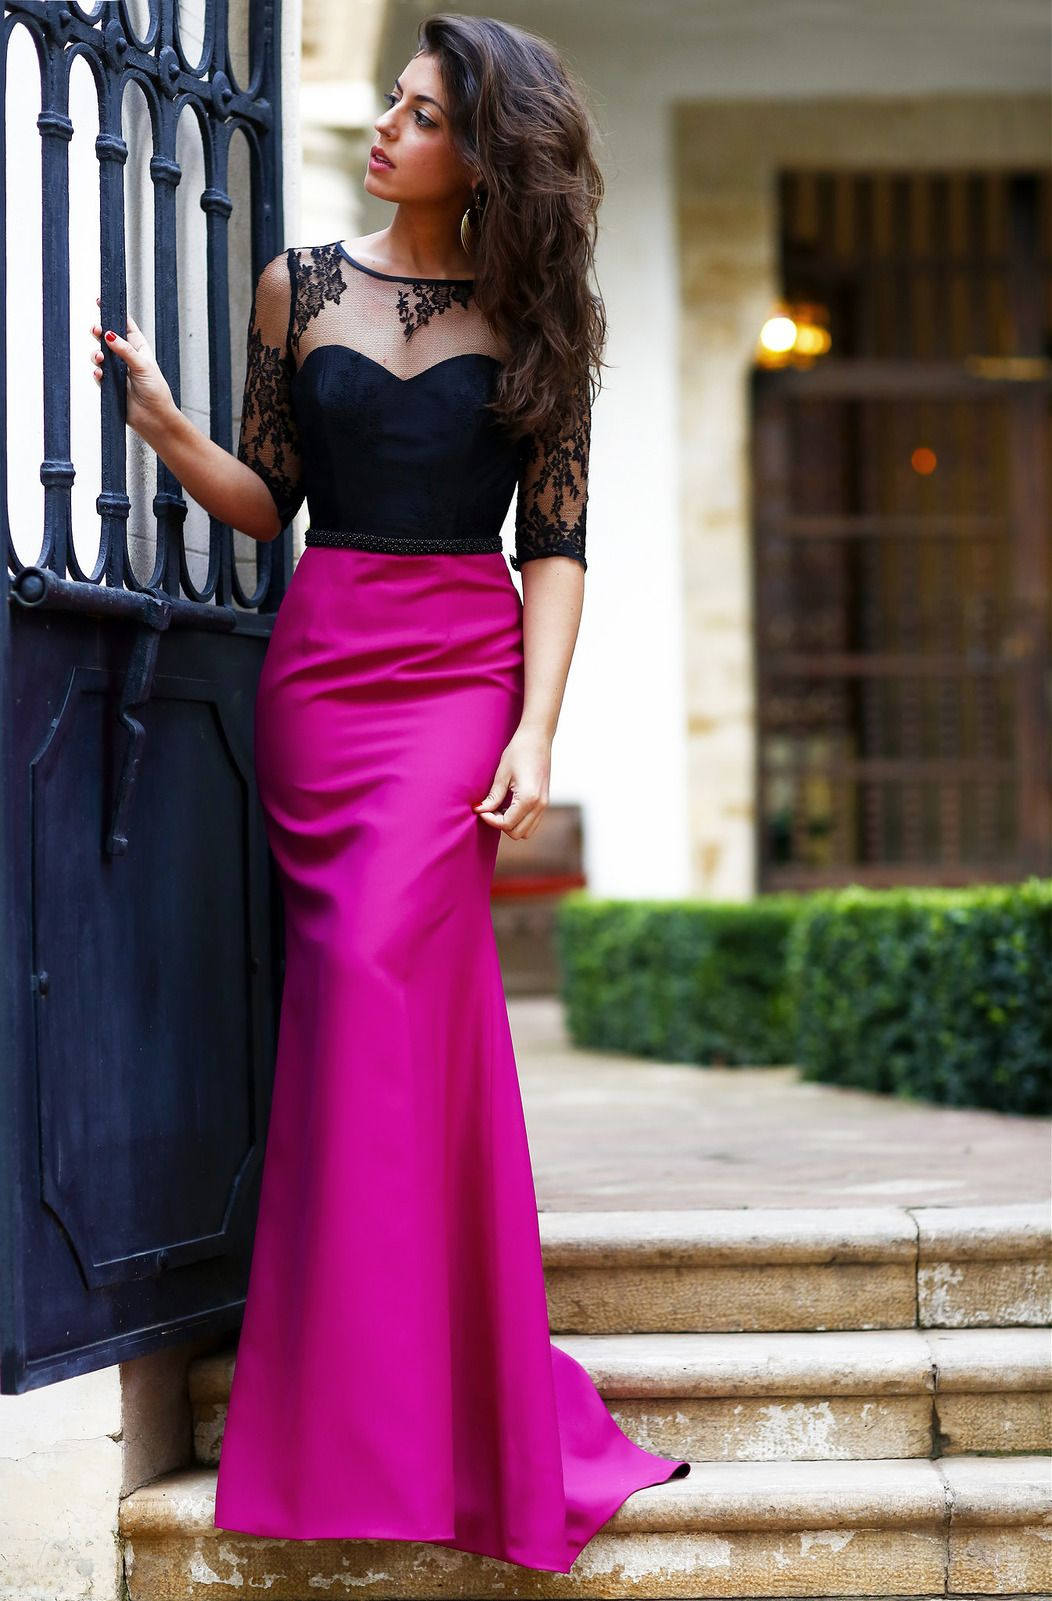 _96B0996   Vestidos de gala   Pinterest   Vestido de gala, Ropa ...